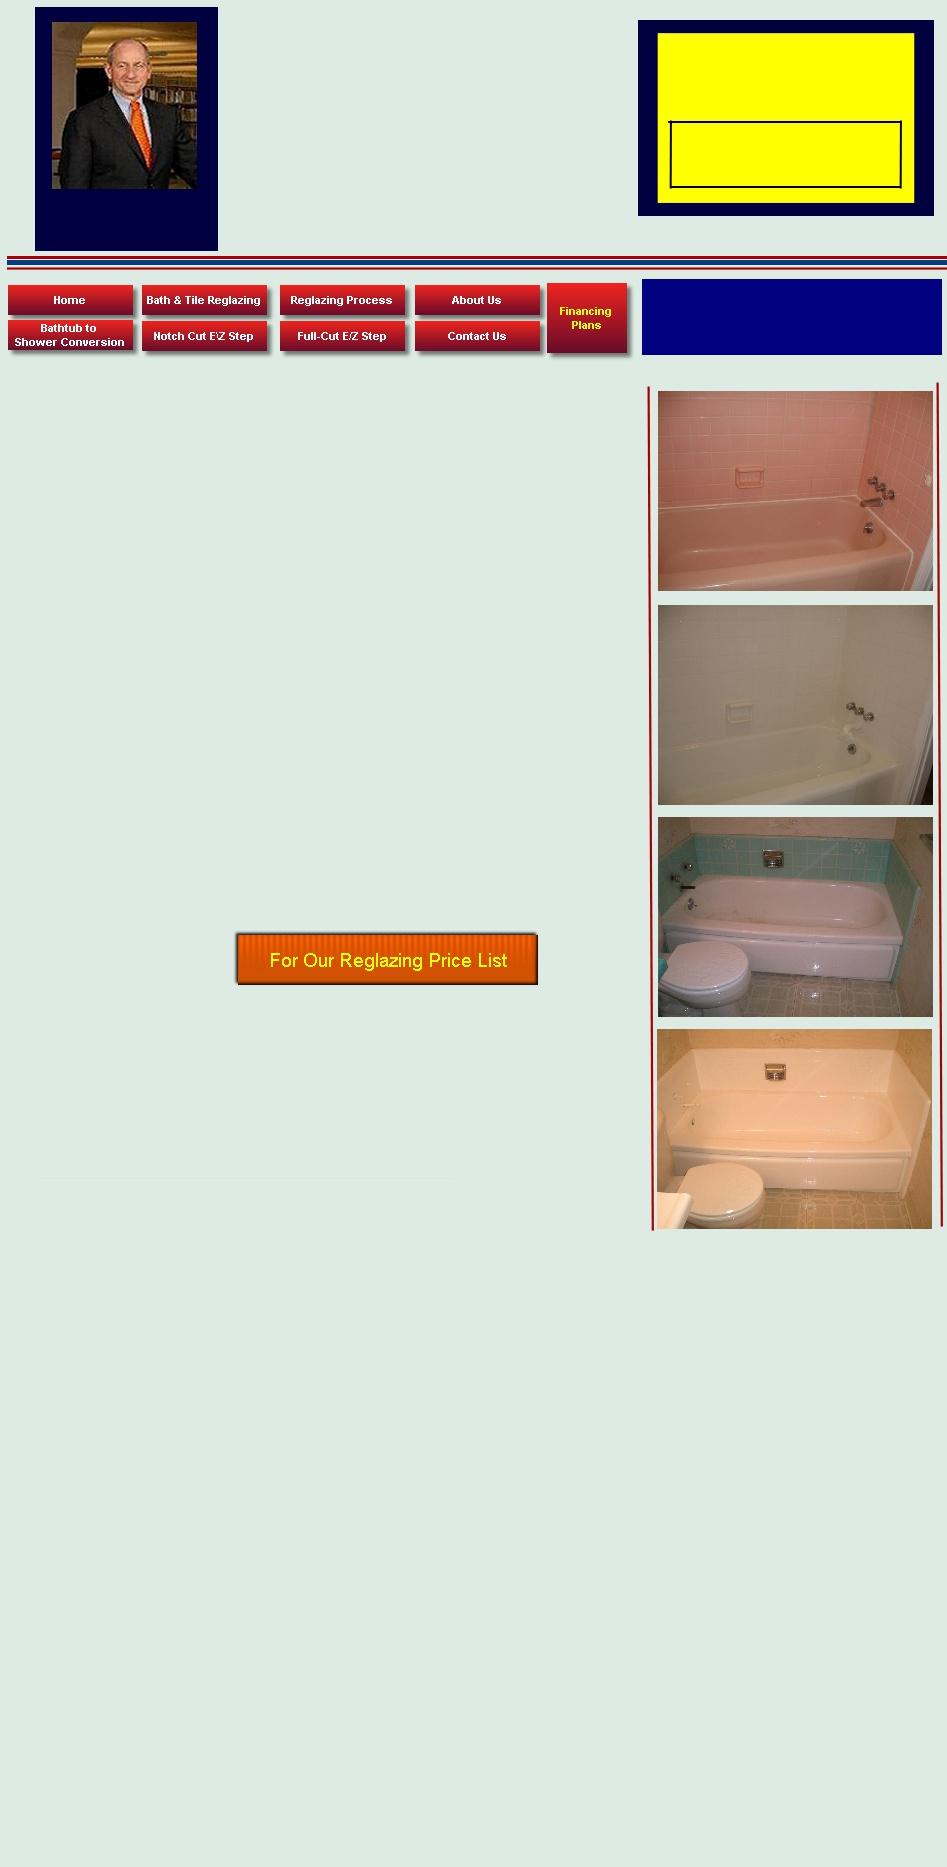 VA BATHTUB REFINISHING, TUB REGLAZING, BATHMATS, VIRGINIA BEACH